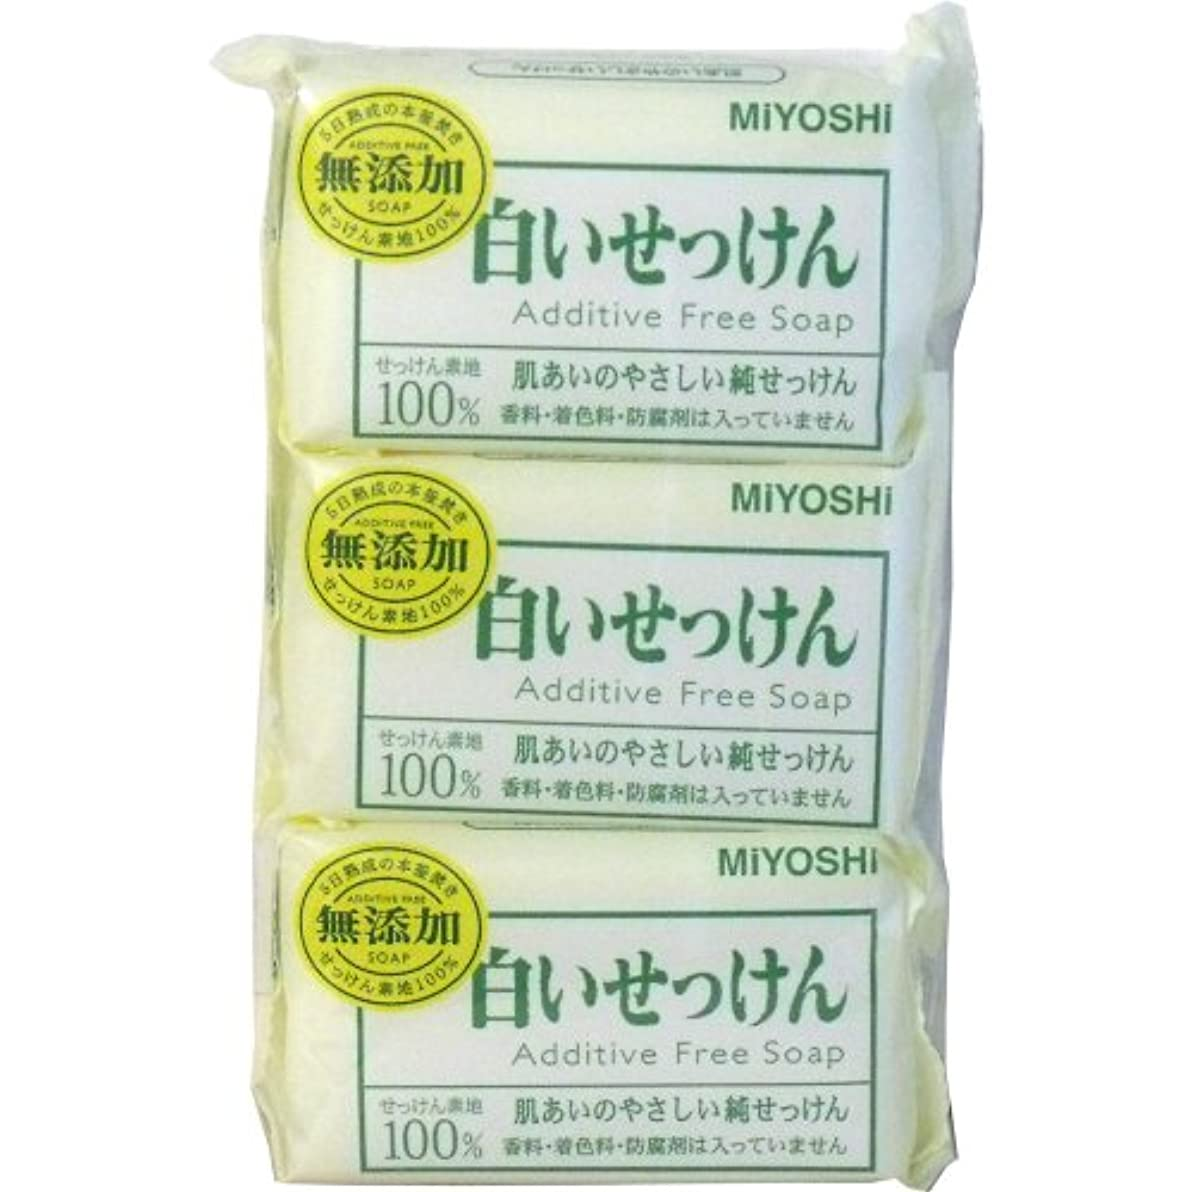 インストラクター精通したくぼみ【ミヨシ】ミヨシ 無添加 白いせっけん 108g×3個入 ×10個セット